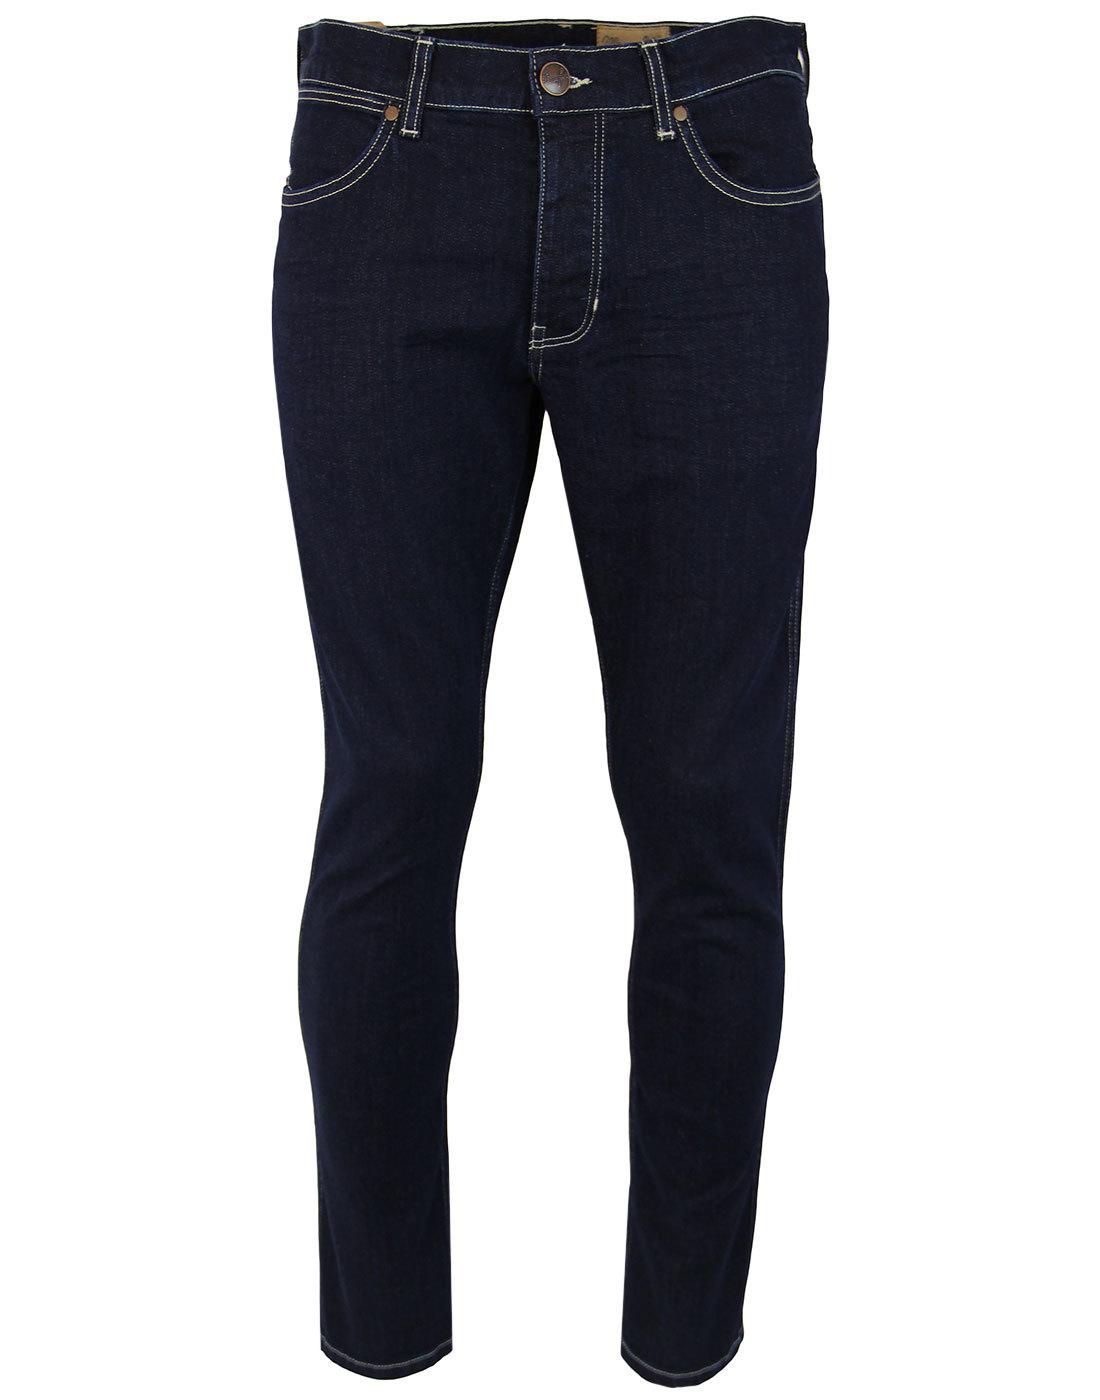 Spencer WRANGLER Retro Mod Slim Dark Denim Jeans